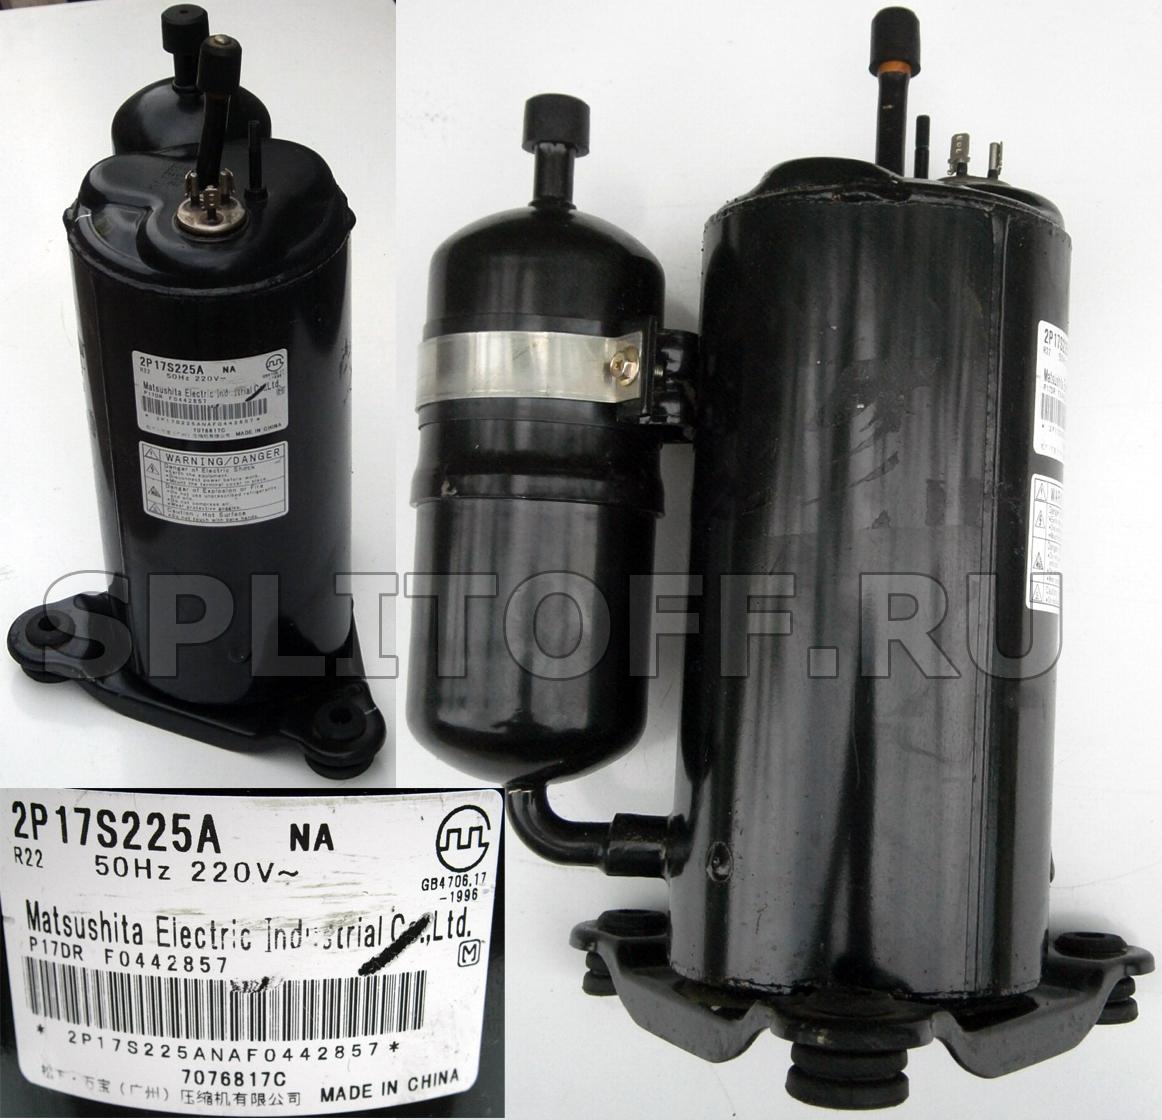 SP17S225A